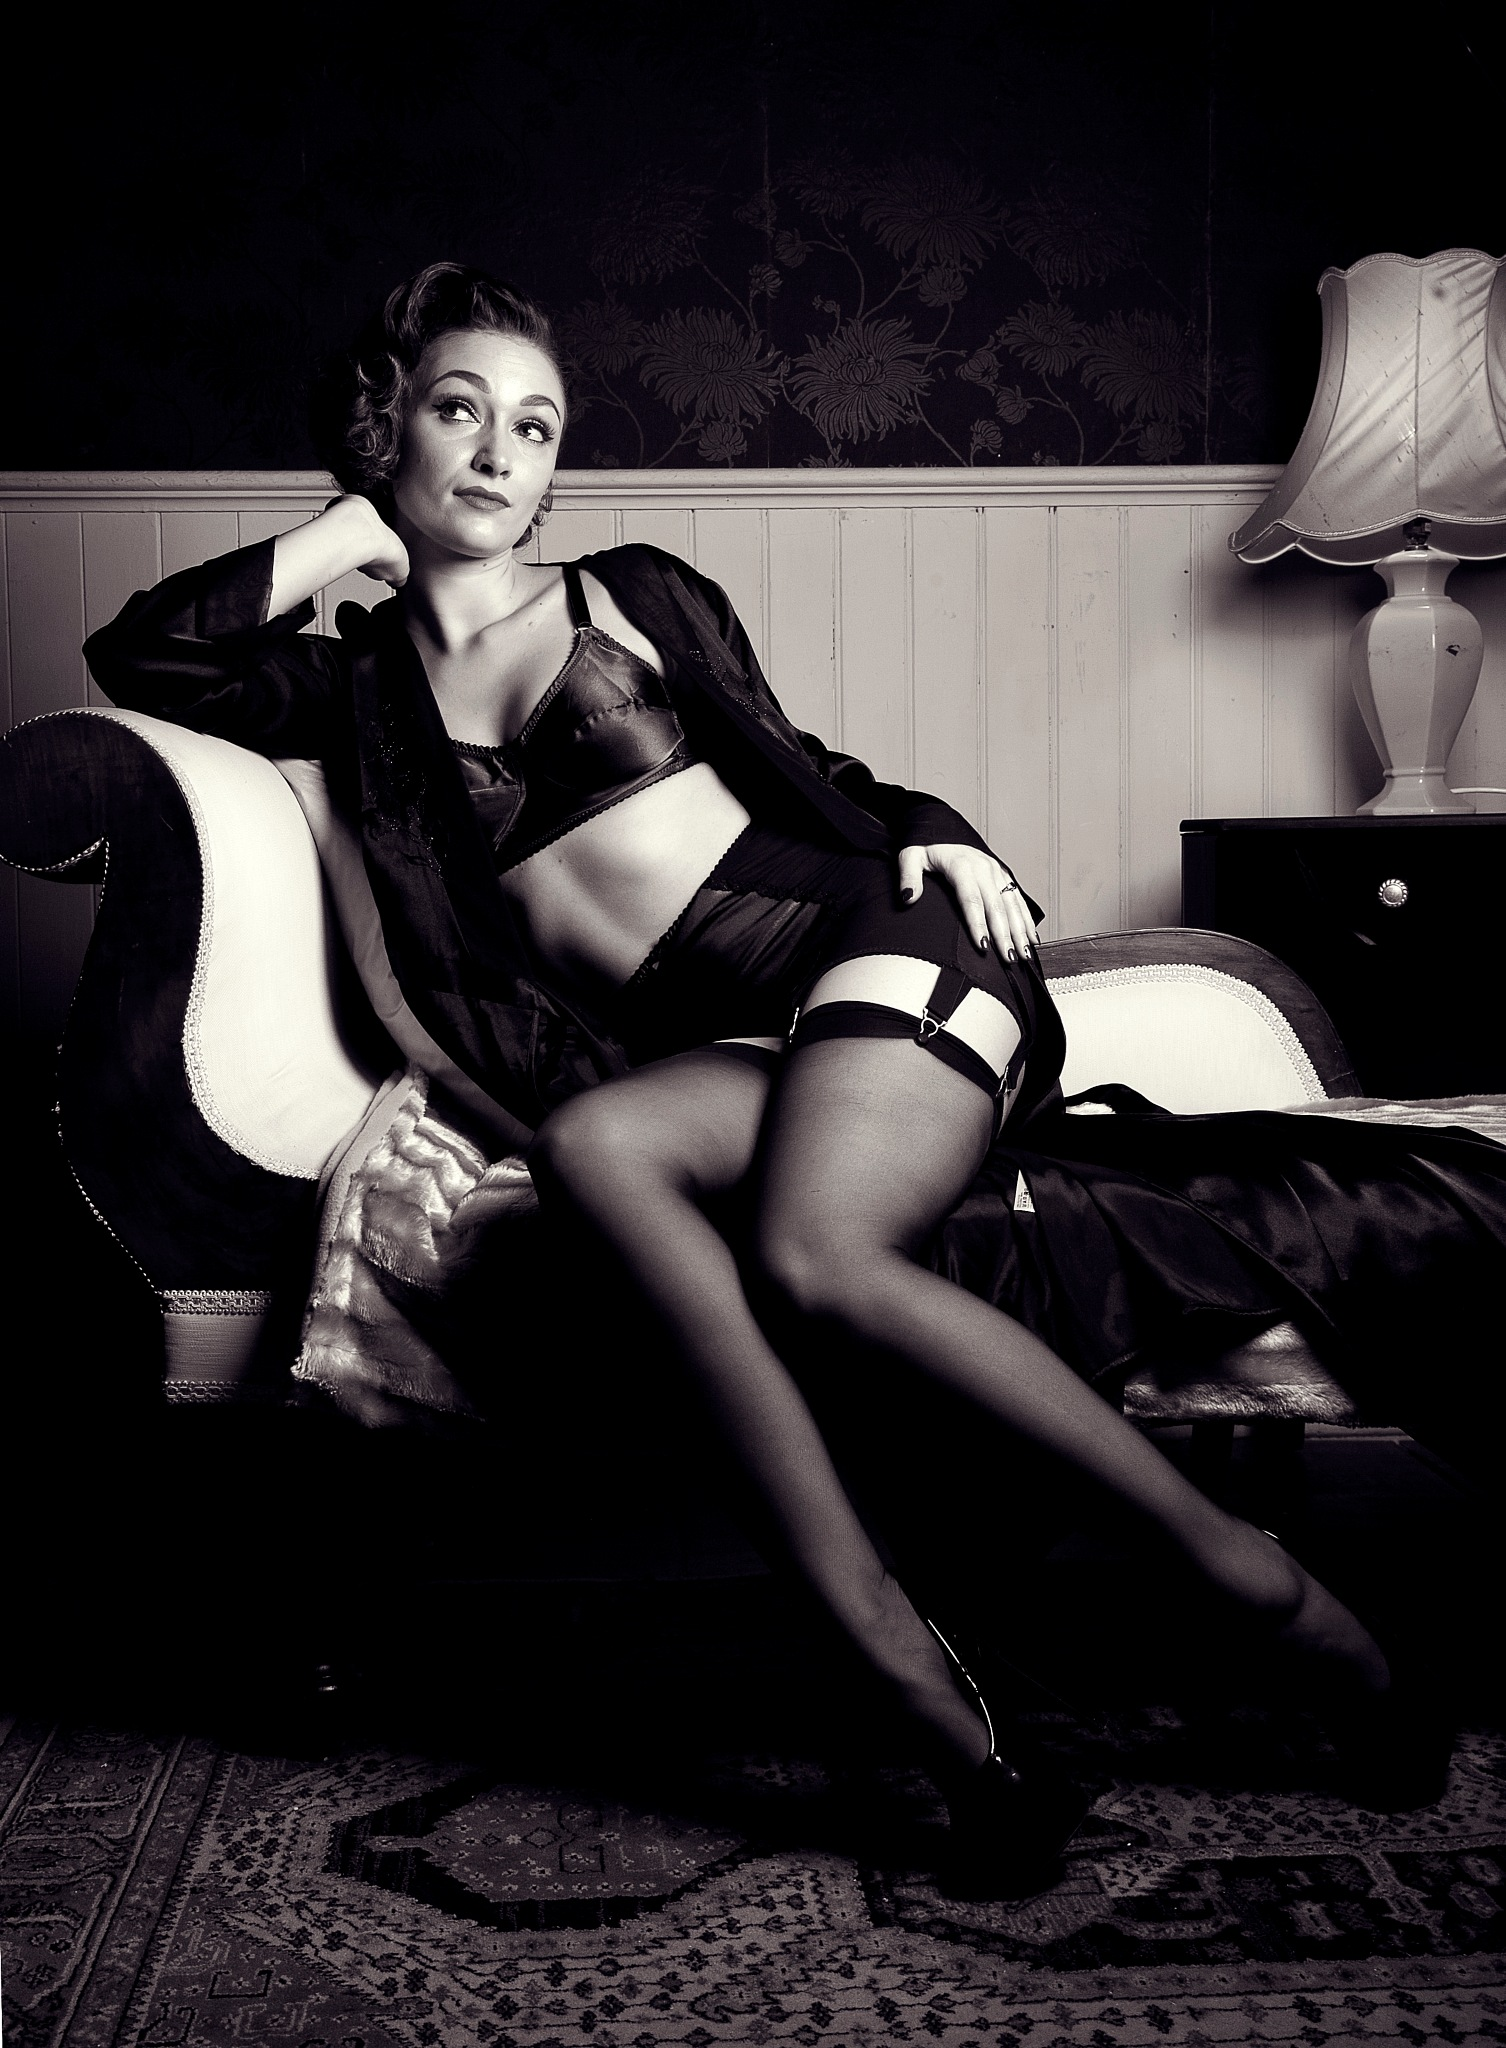 Vintage lingerie by NickJamesPhotography